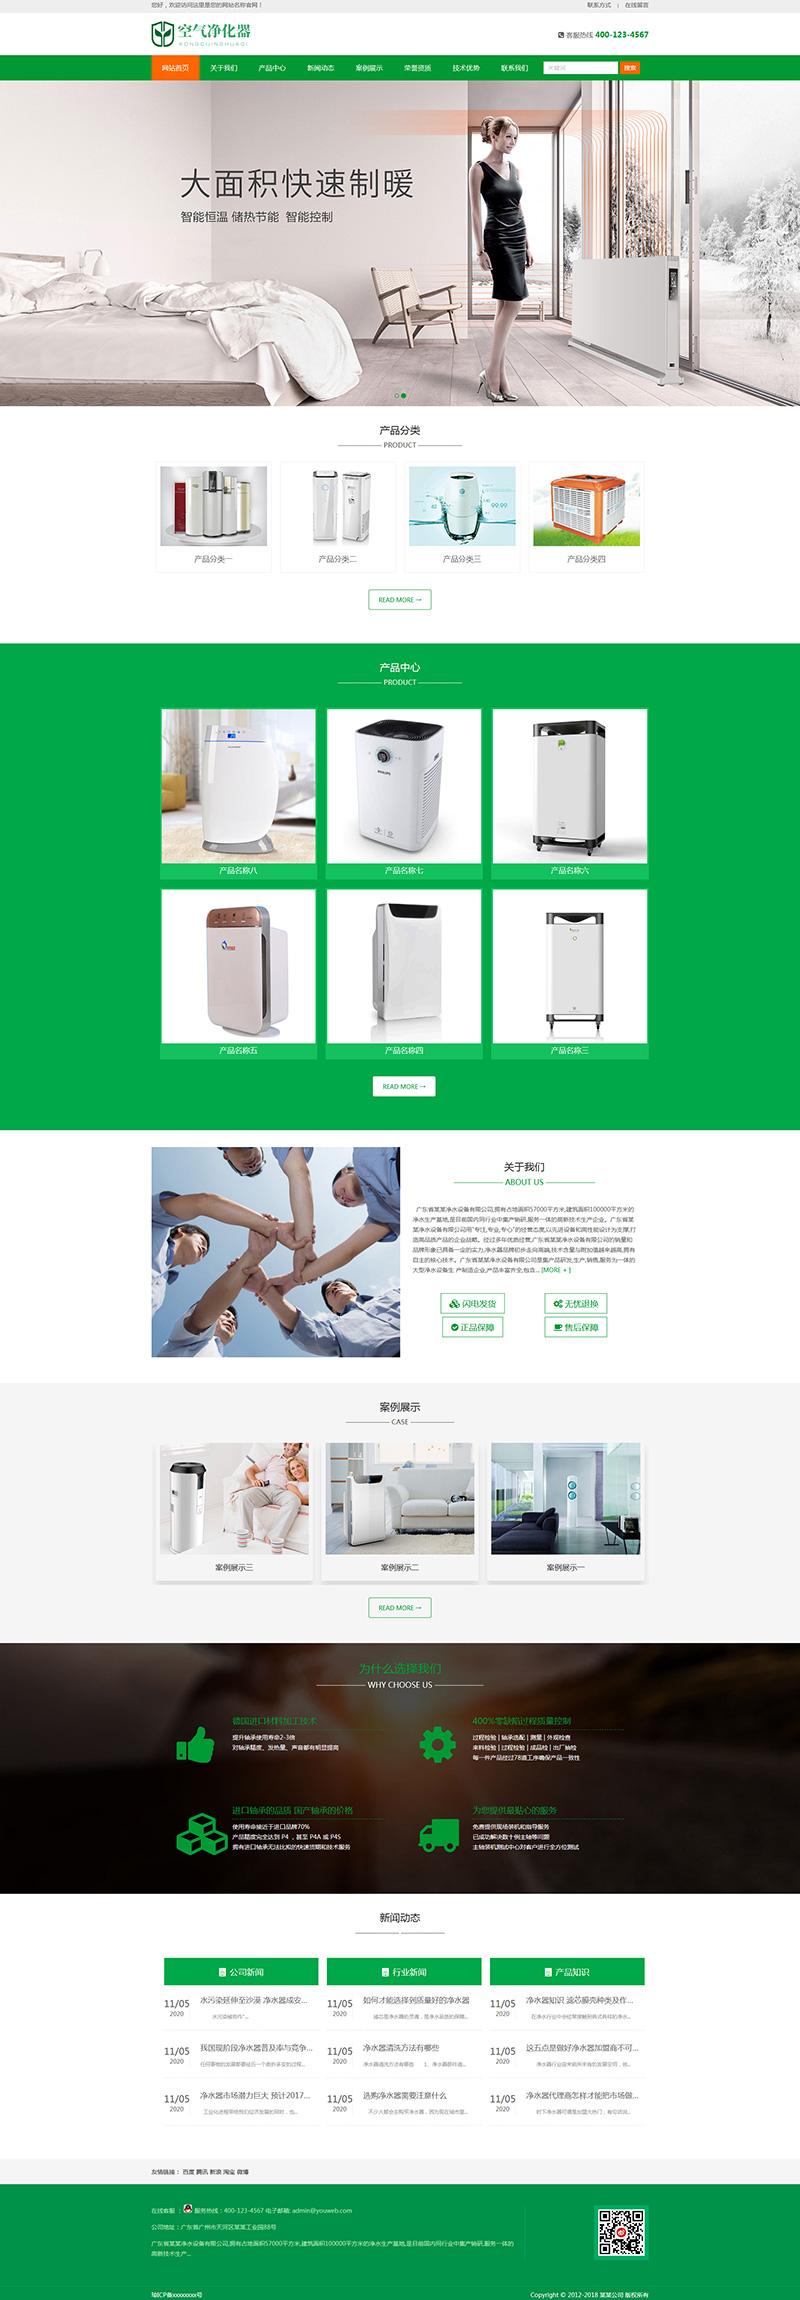 响应式环保空气净化器净水器净化设备网站模板-11105